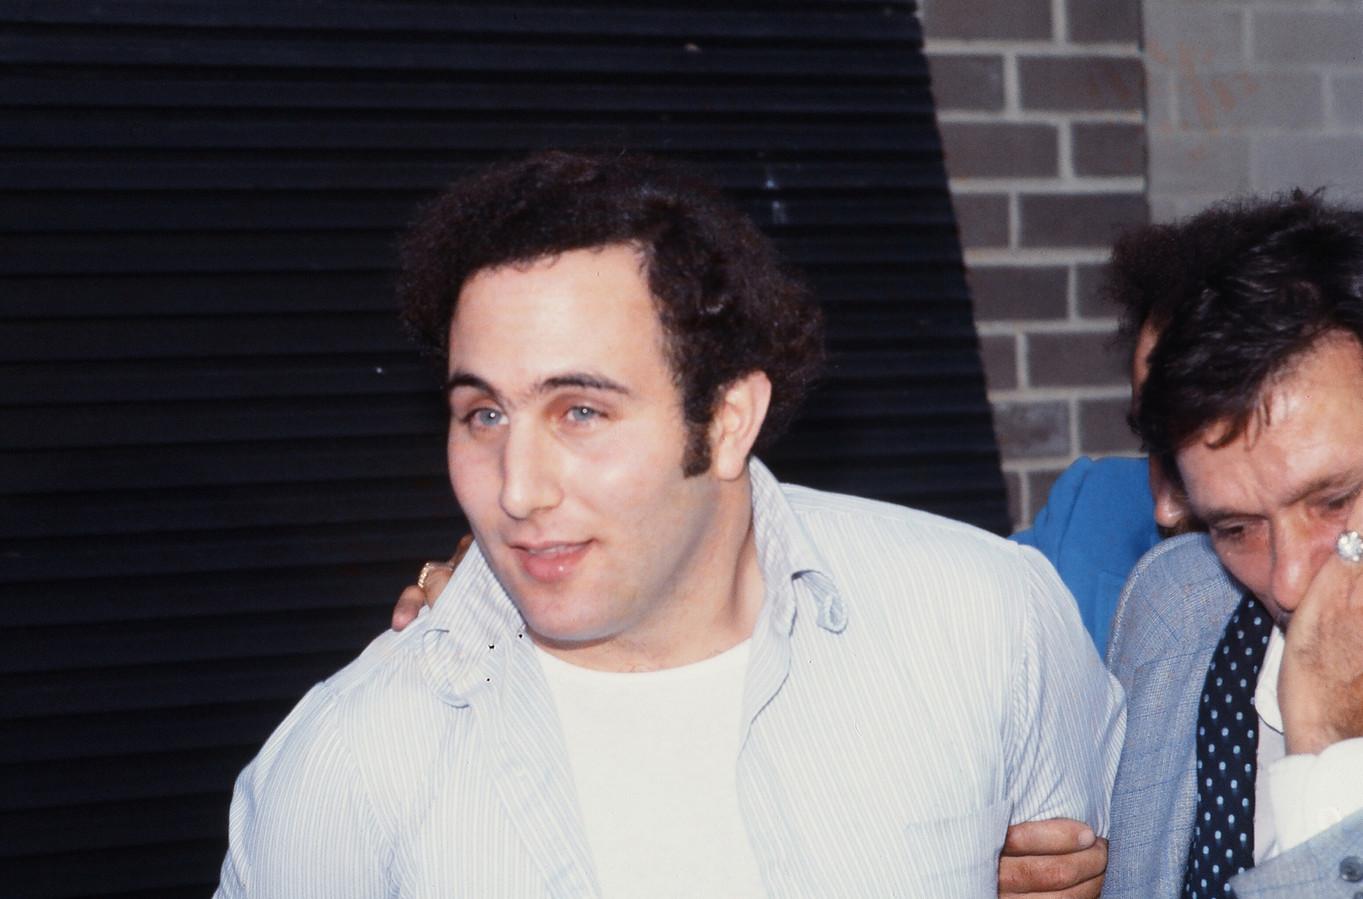 Seriemoordenaar David Berkowitz.